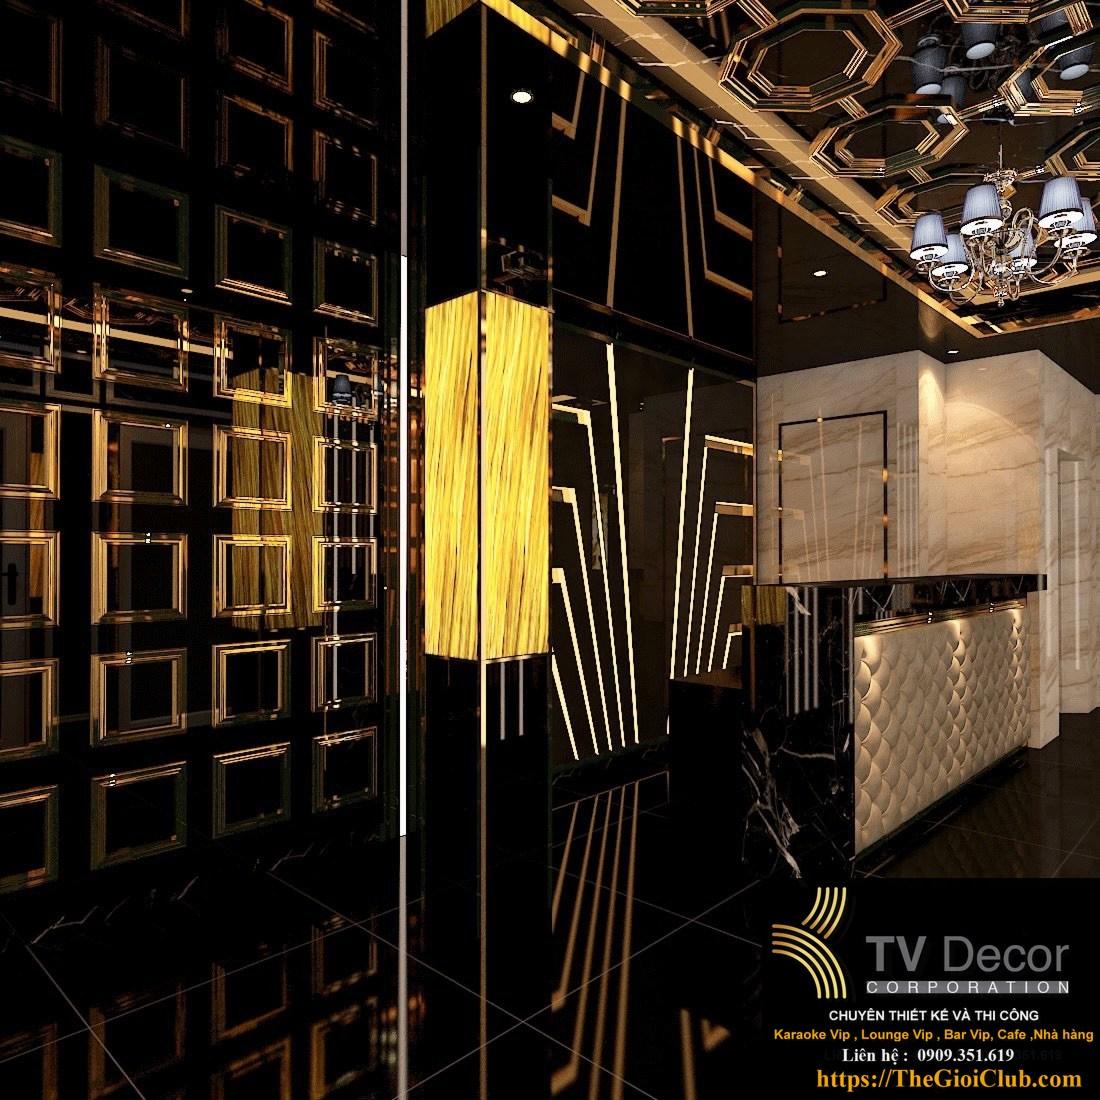 Mẫu thiết kế hành lang karaoke phong cách Luxury 777